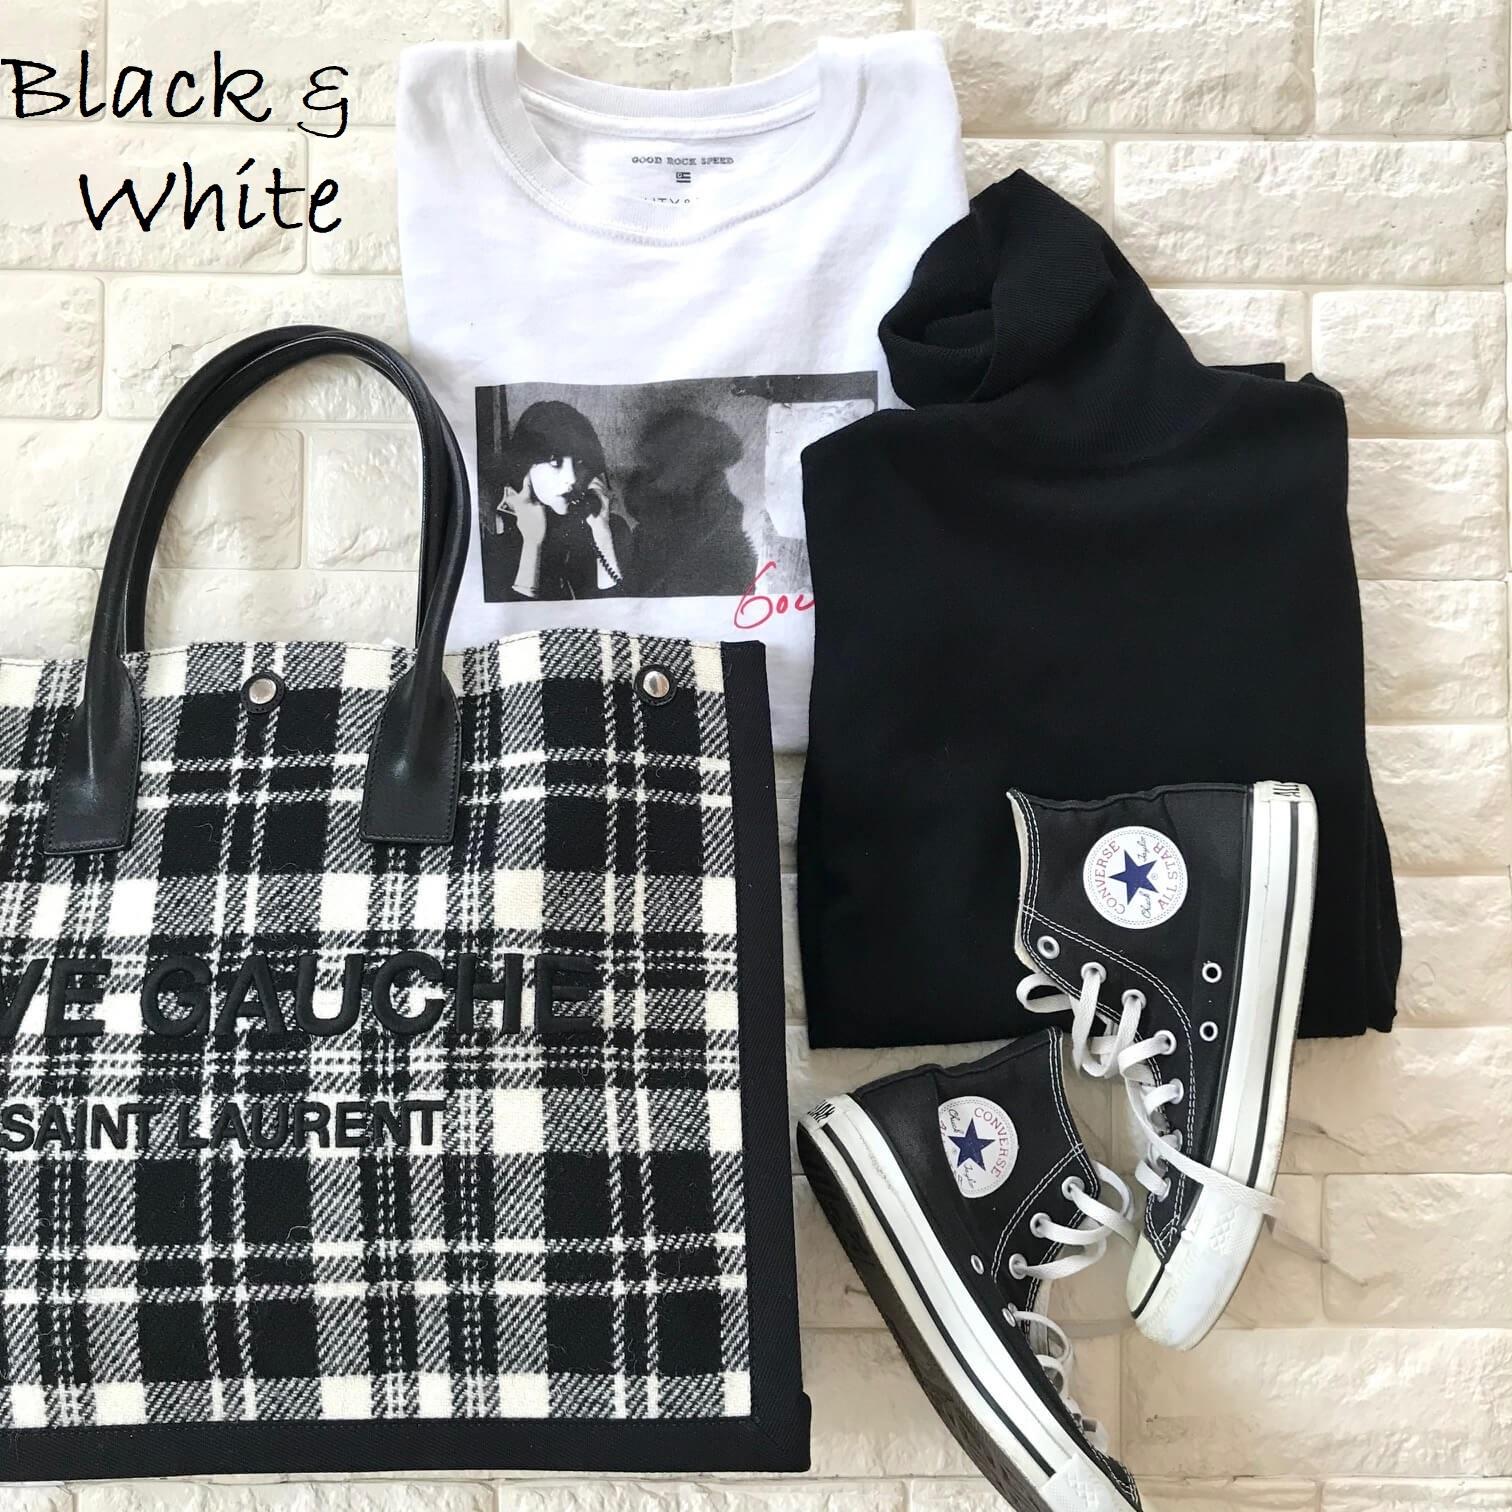 サンローランのバッグと白黒アイテムを合わせた画像